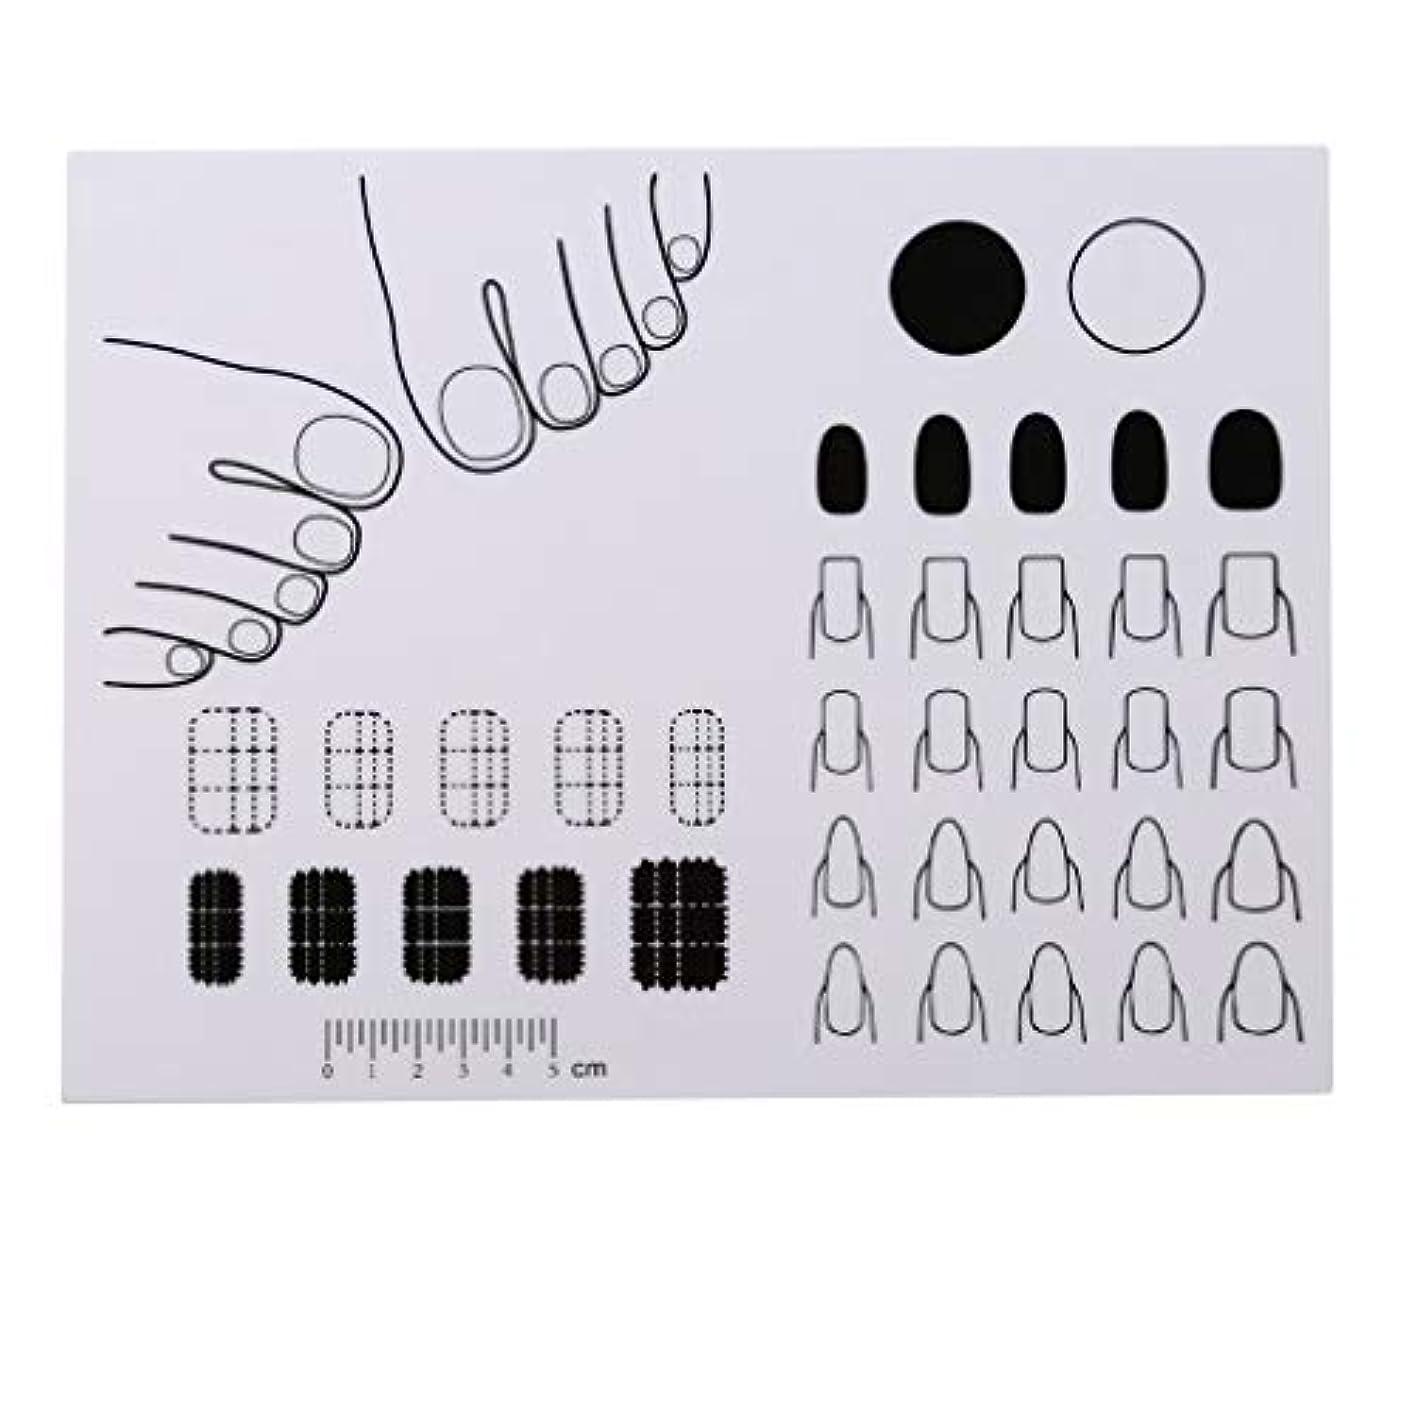 クラッシュエトナ山聴衆LJSLYJ 折りたたみネイルアートシリコンパッドプレートスタンピングネイルアートステッカーuvジェルマニキュアツール印刷着色マット、1#